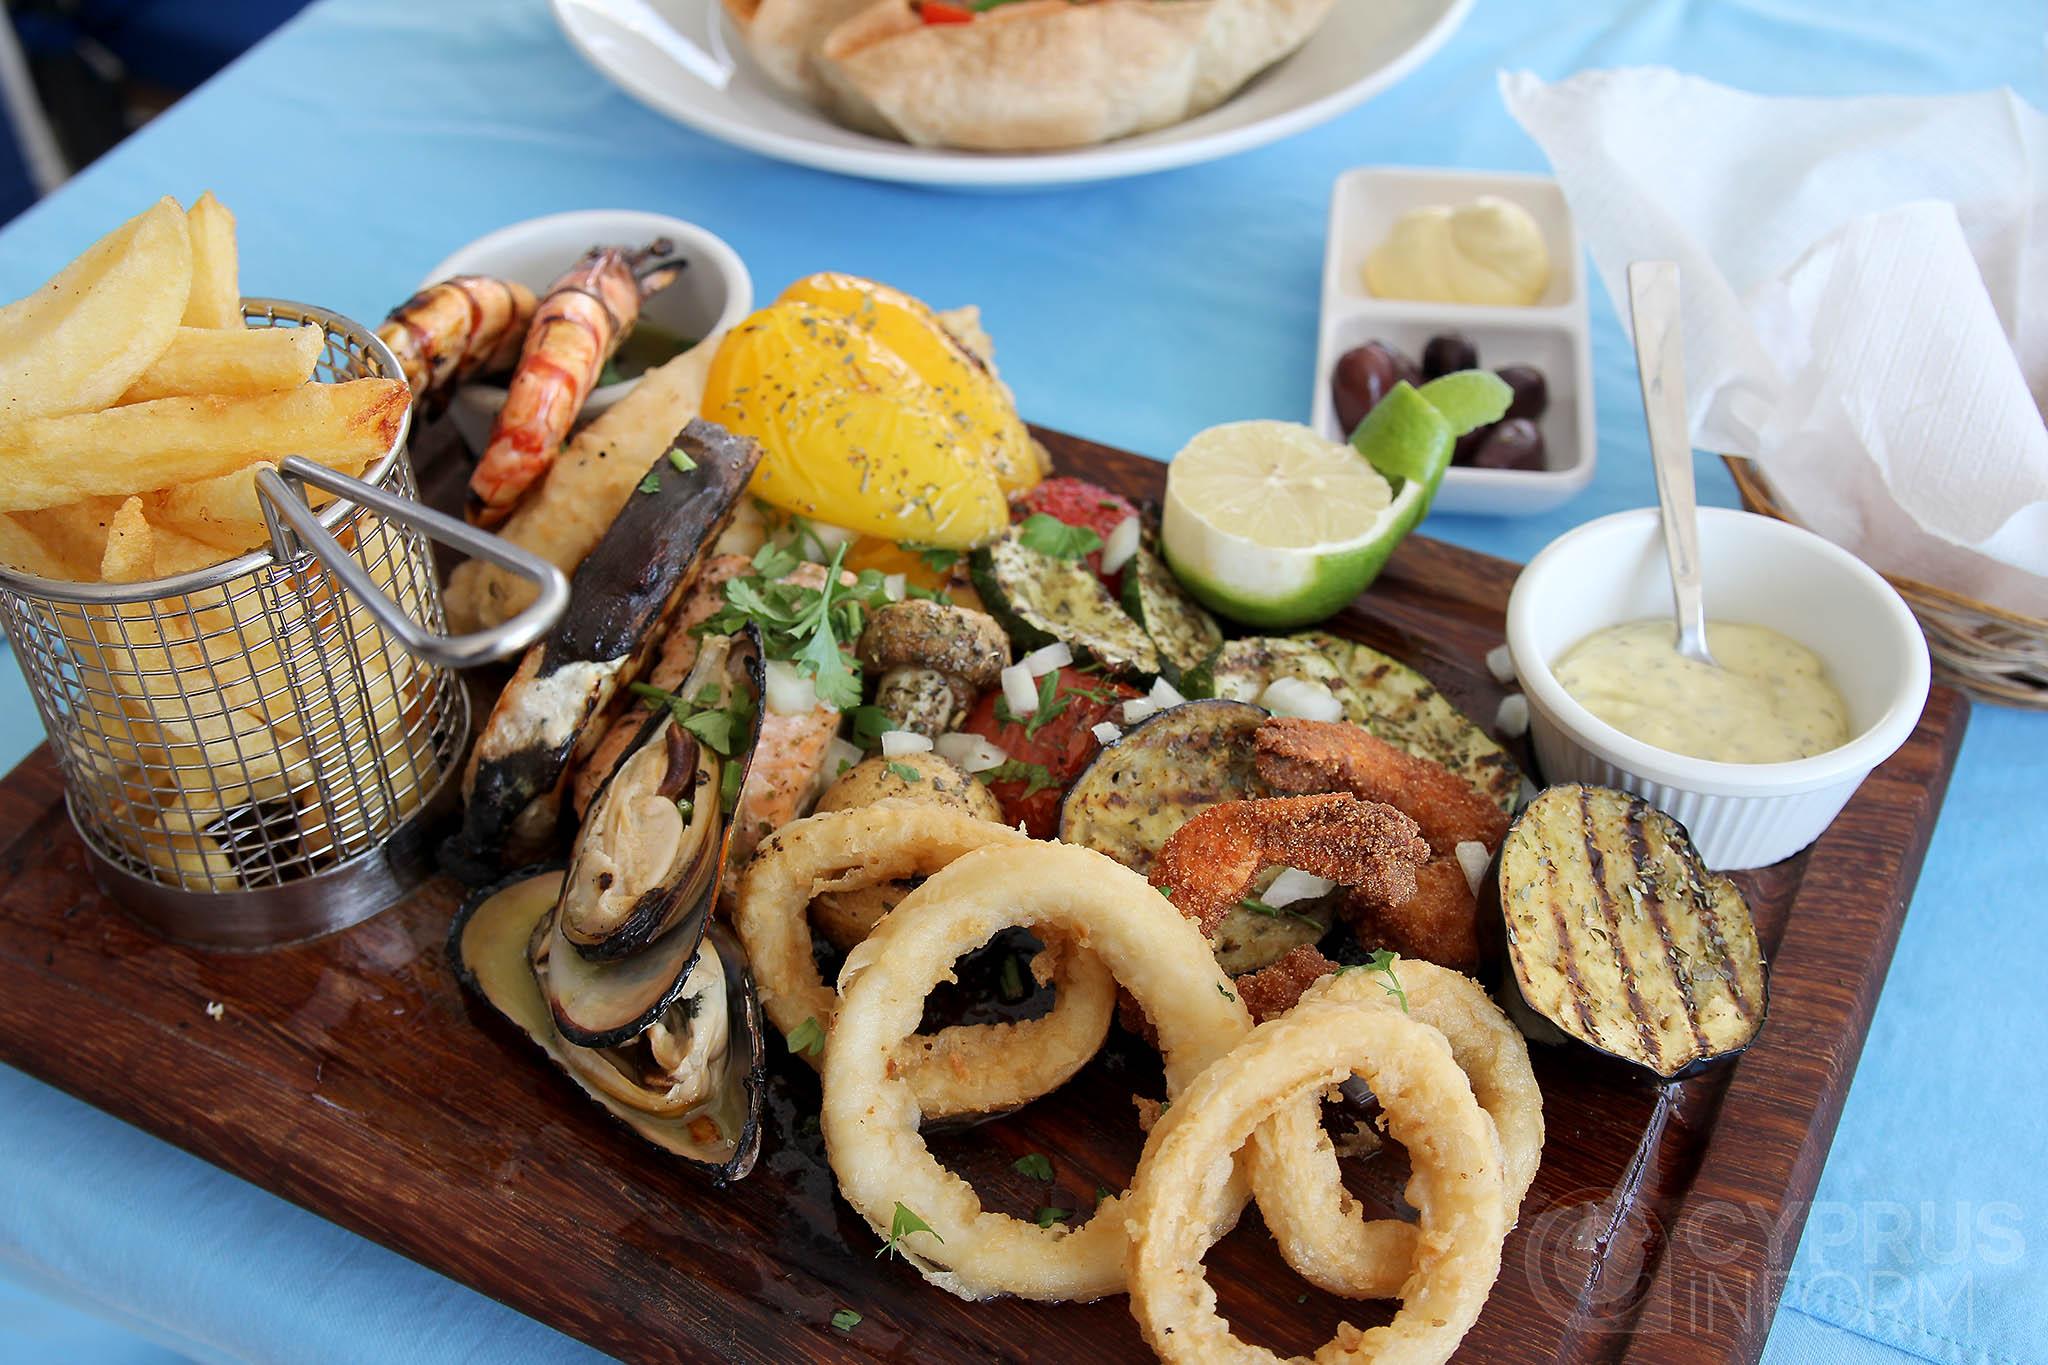 всем фото кипрской еды рентгенография